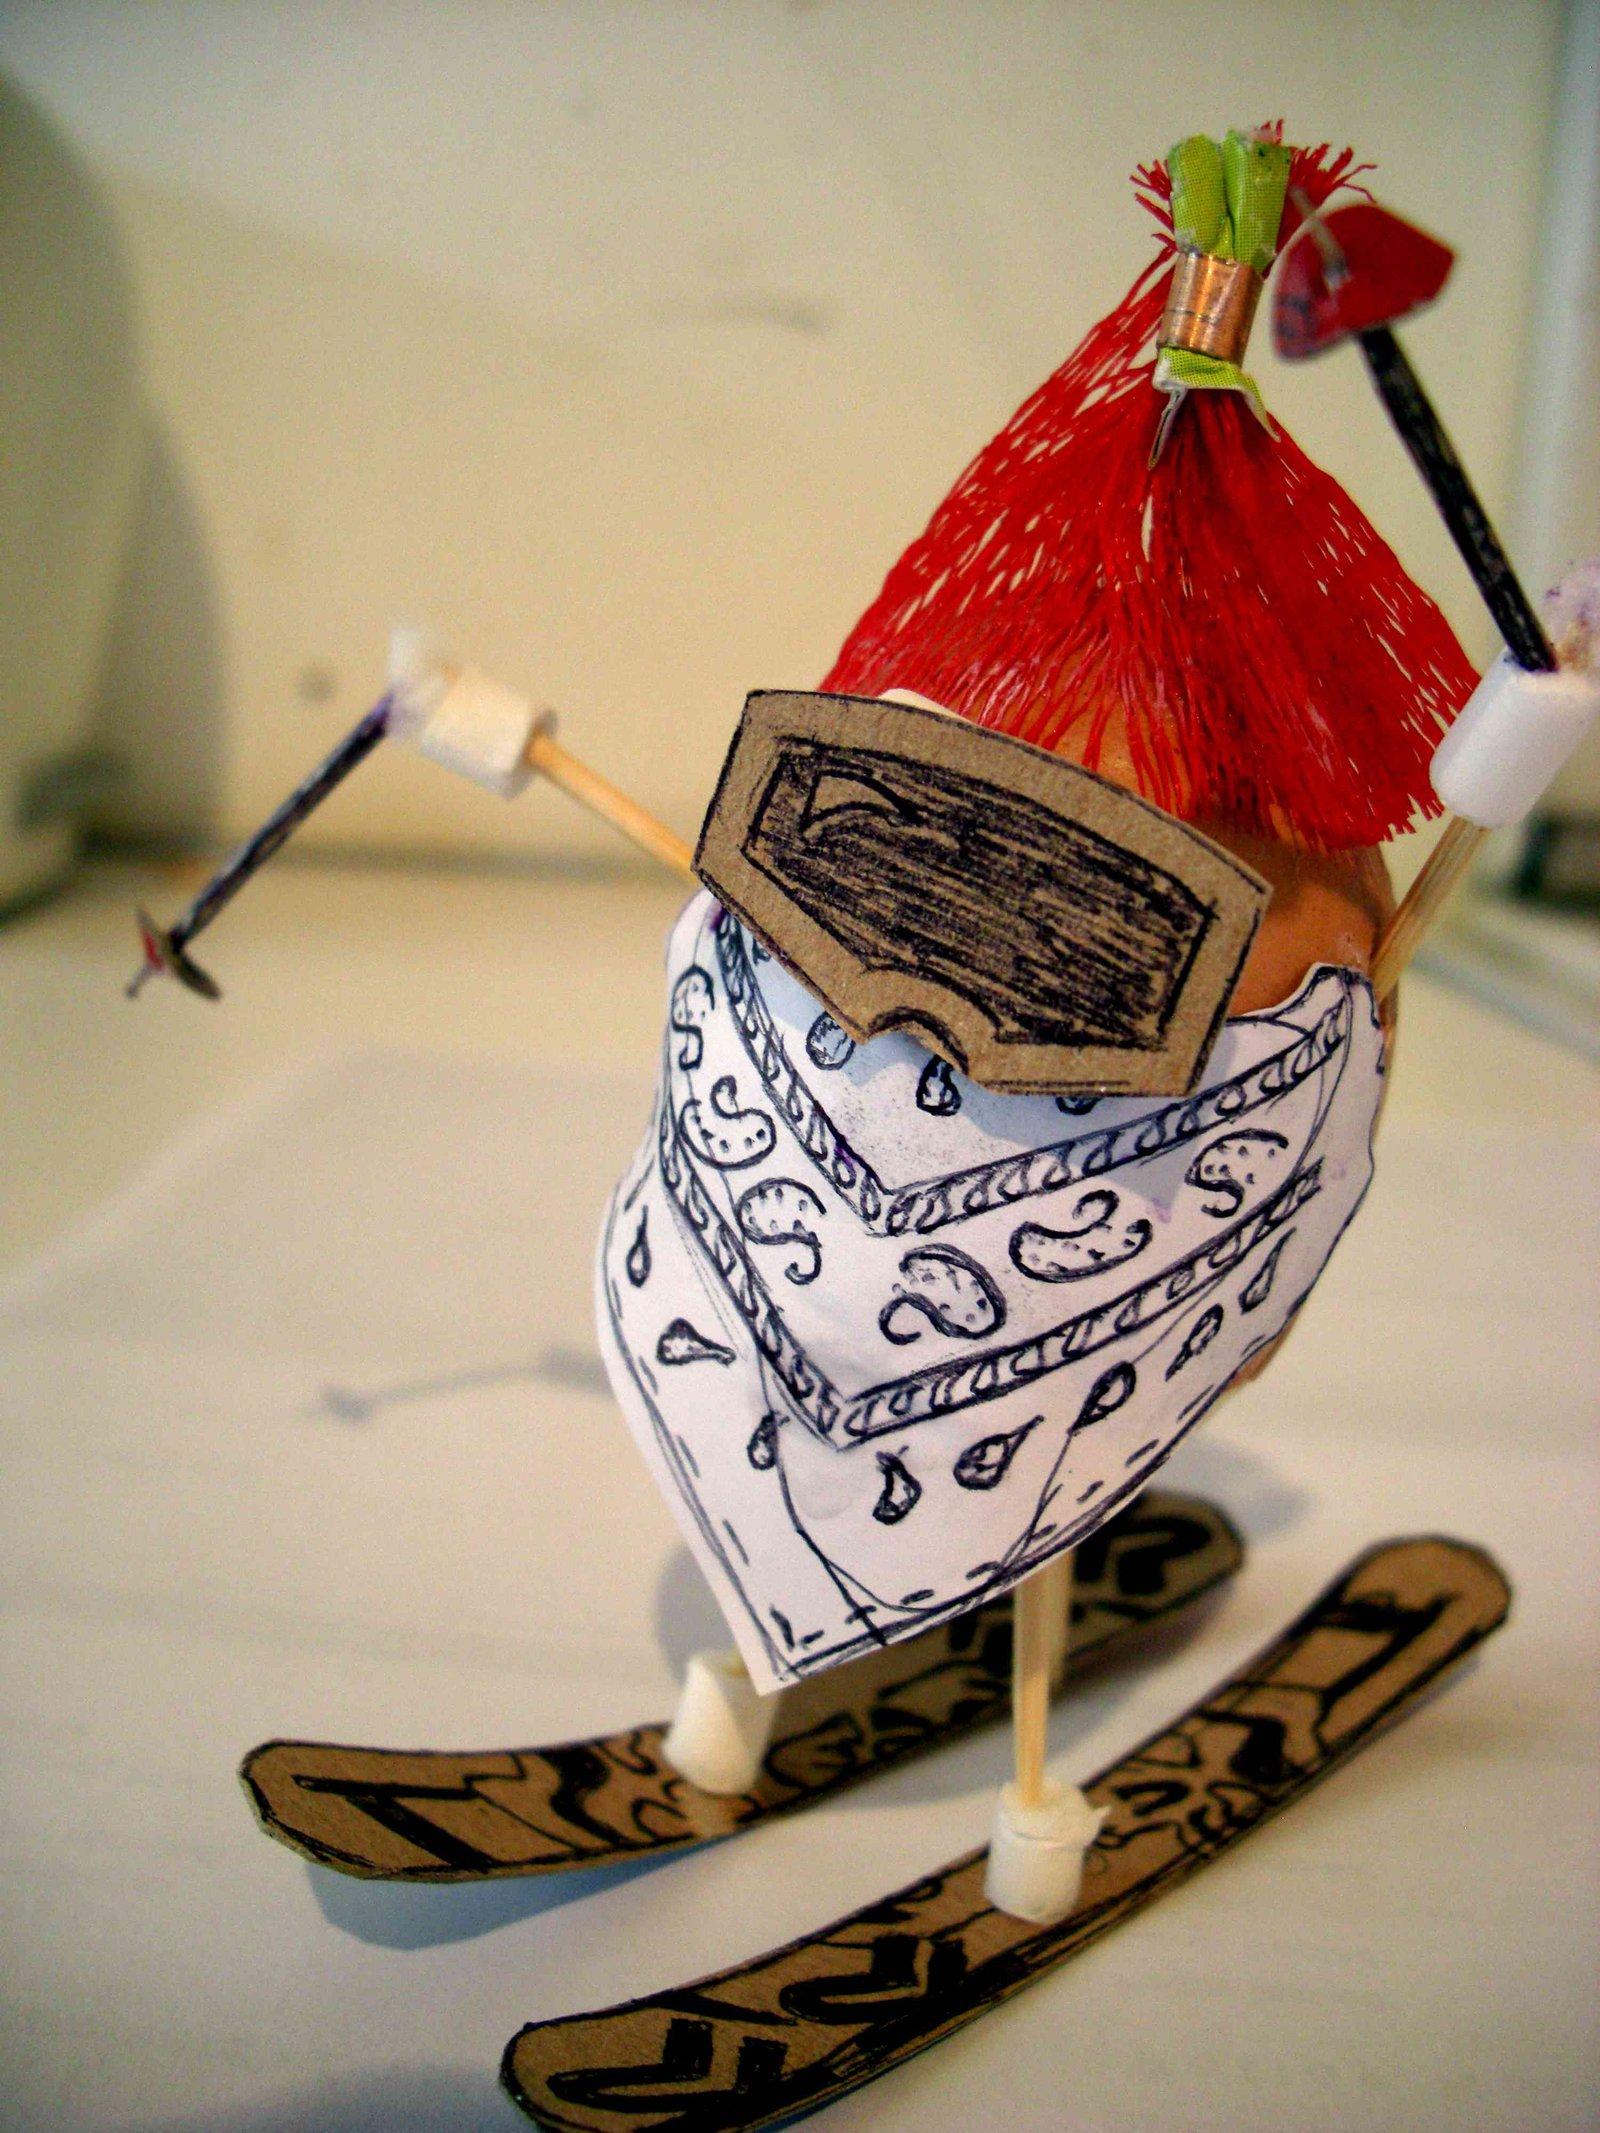 Easter Egg Skier